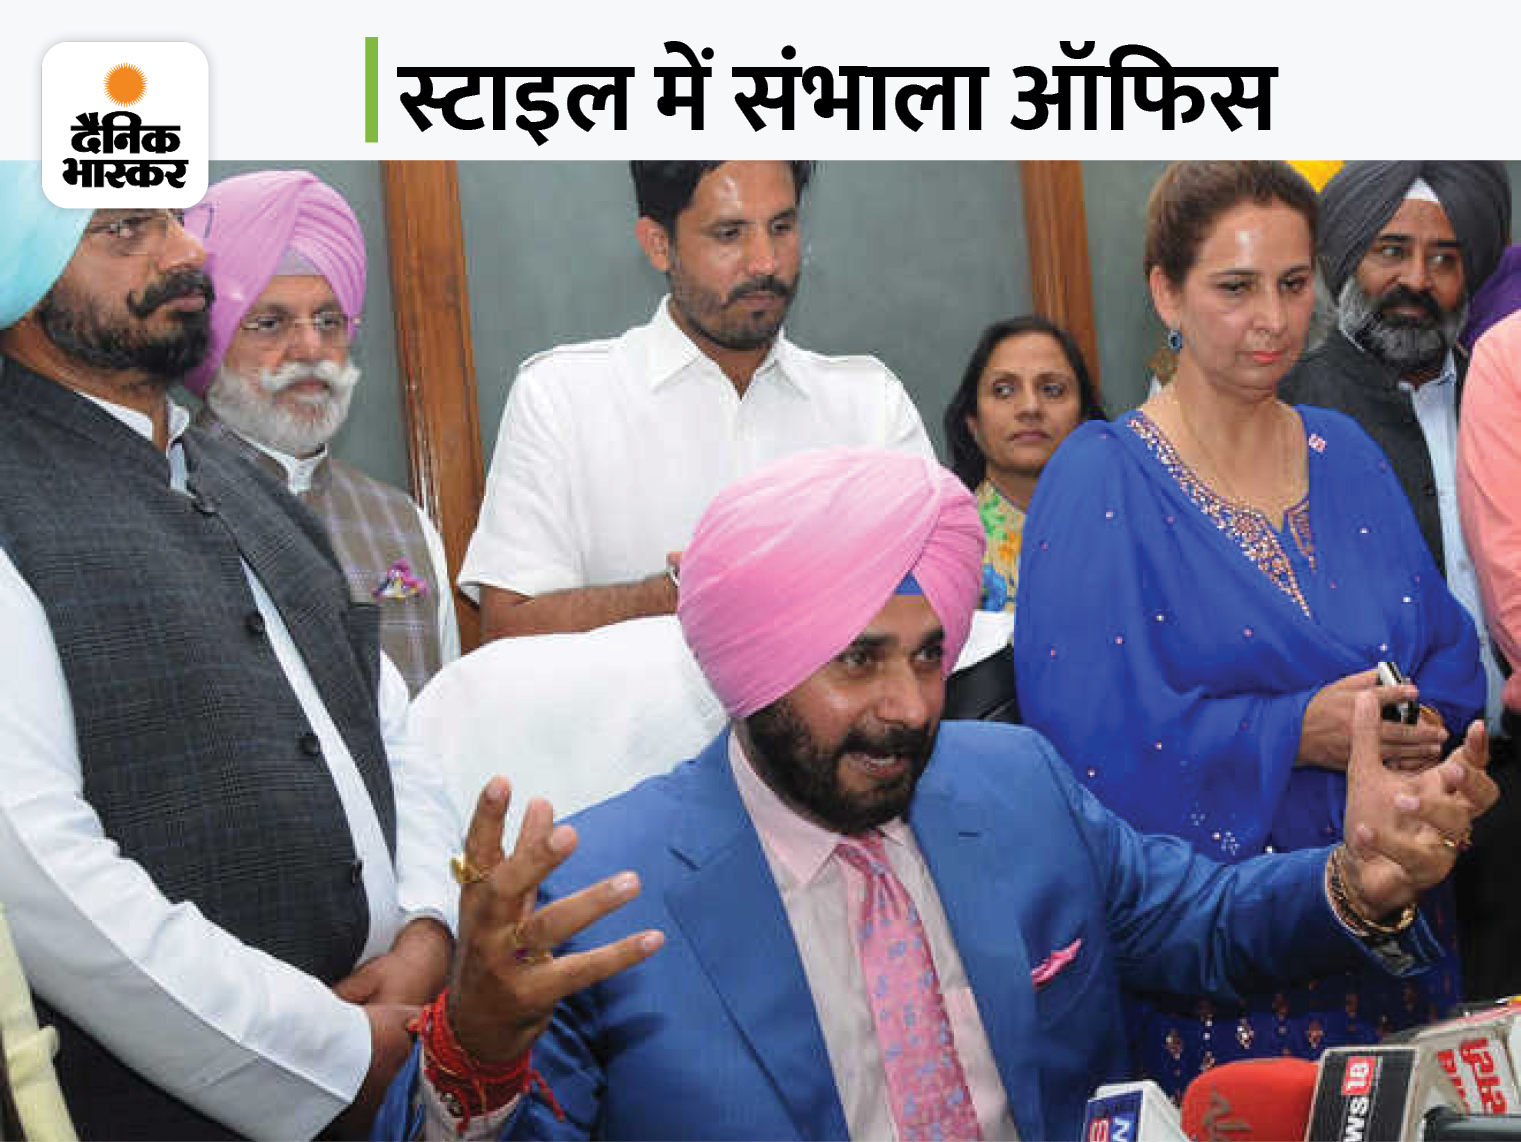 18 मार्च 2017- सिद्धू अमरिंदर की कैबिनेट में मंत्री बने और पहले दिन पत्नी के साथ दफ्तर पहुंचे। फोटो पोस्ट कर लिखा- कैप्टन की आर्मी का सिपाही।